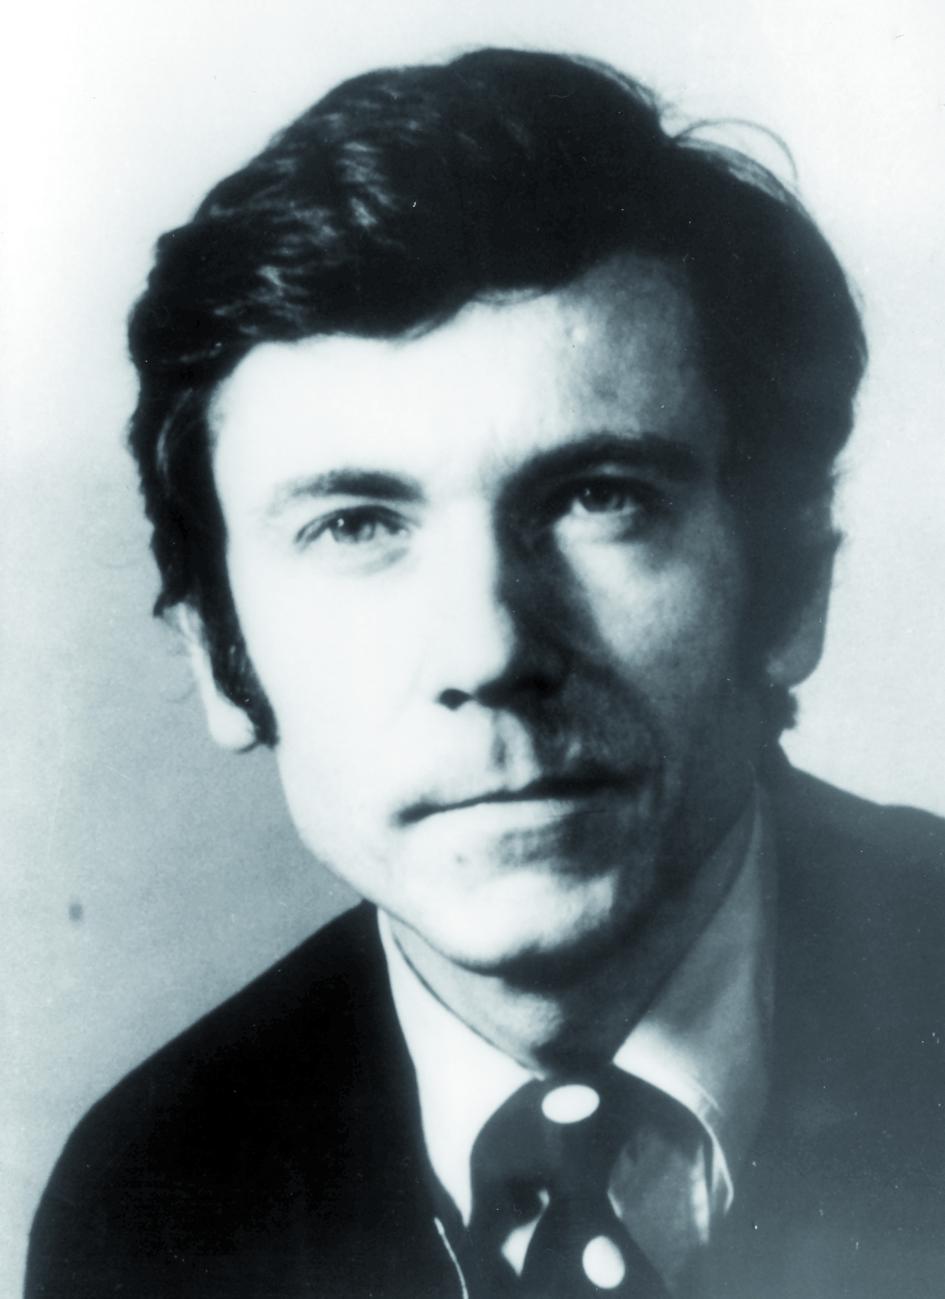 Portraitfoto von Herrn Albrecht Kellerer.